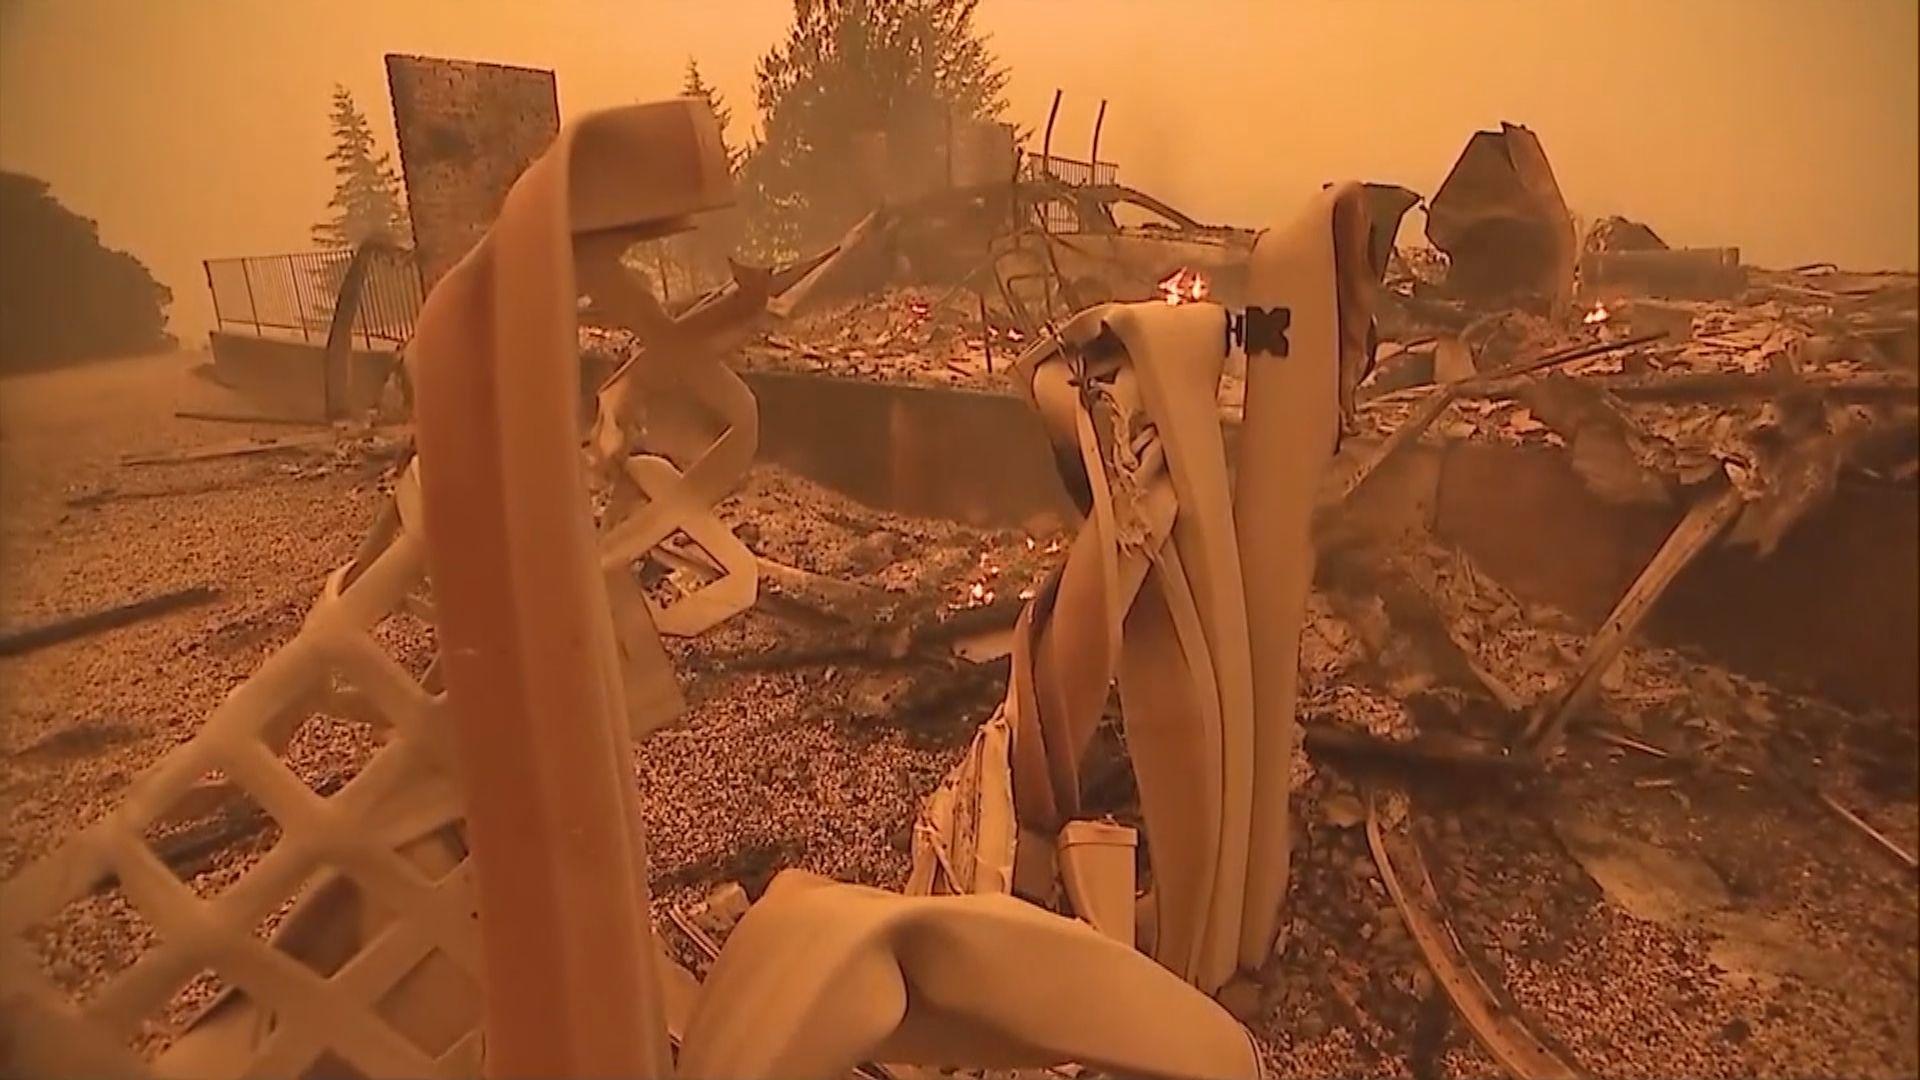 加州山火持續 民眾質疑撤離計劃失誤加劇死傷